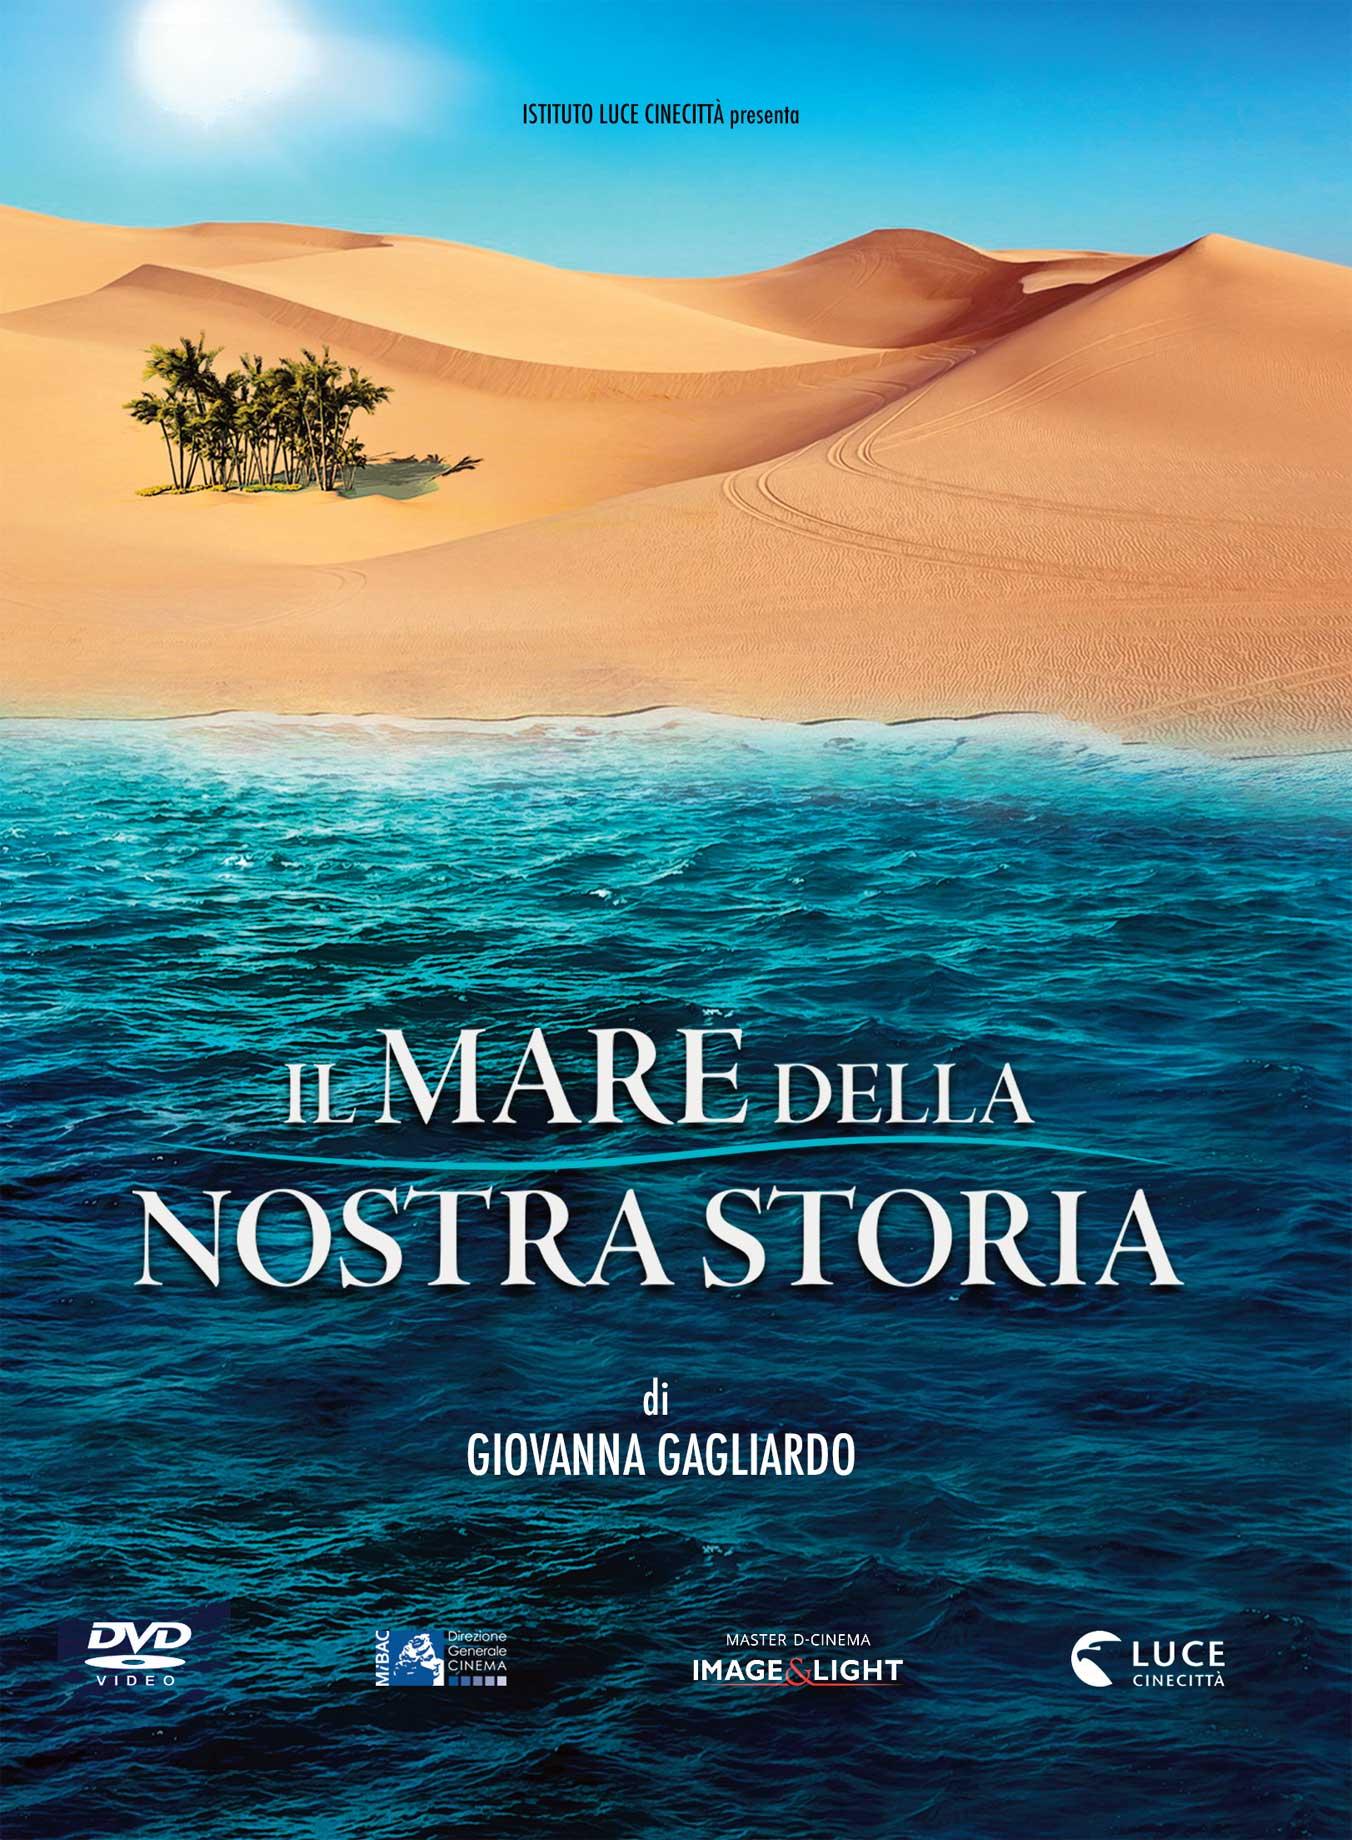 IL MARE DELLA NOSTRA STORIA (DVD)